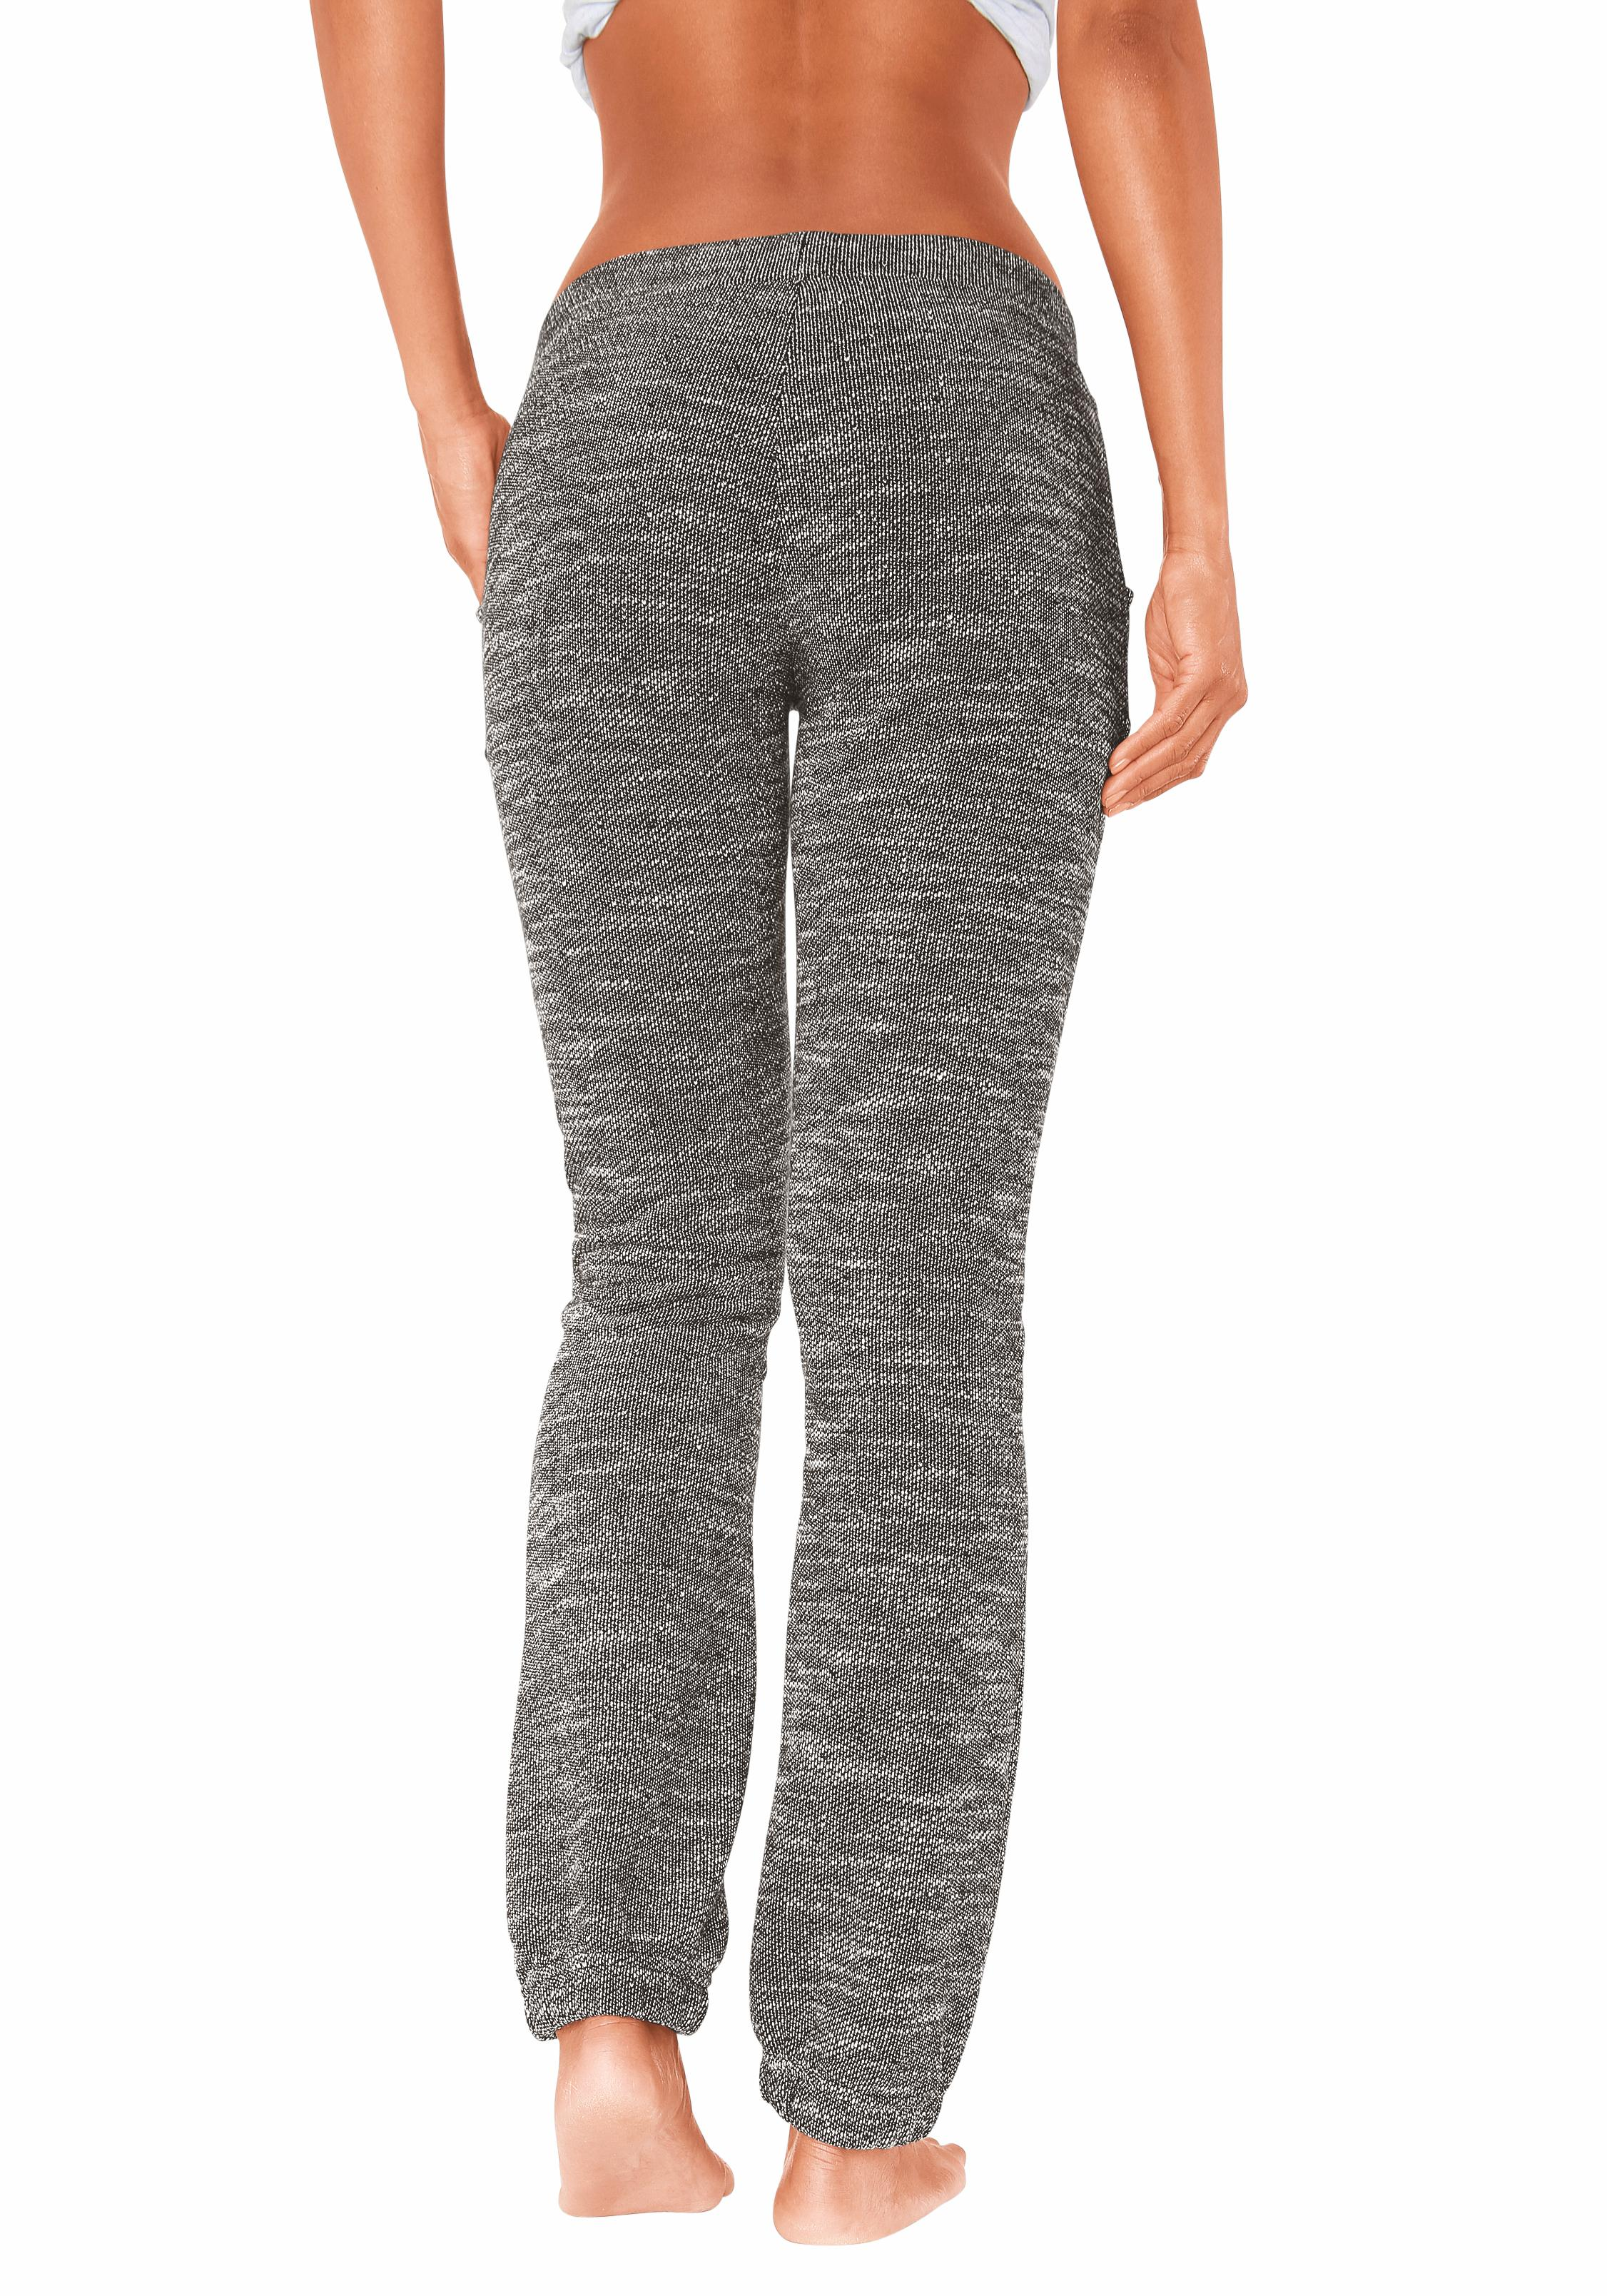 Bench Relaxhose | Bekleidung > Homewear > Relaxhosen | Bench.